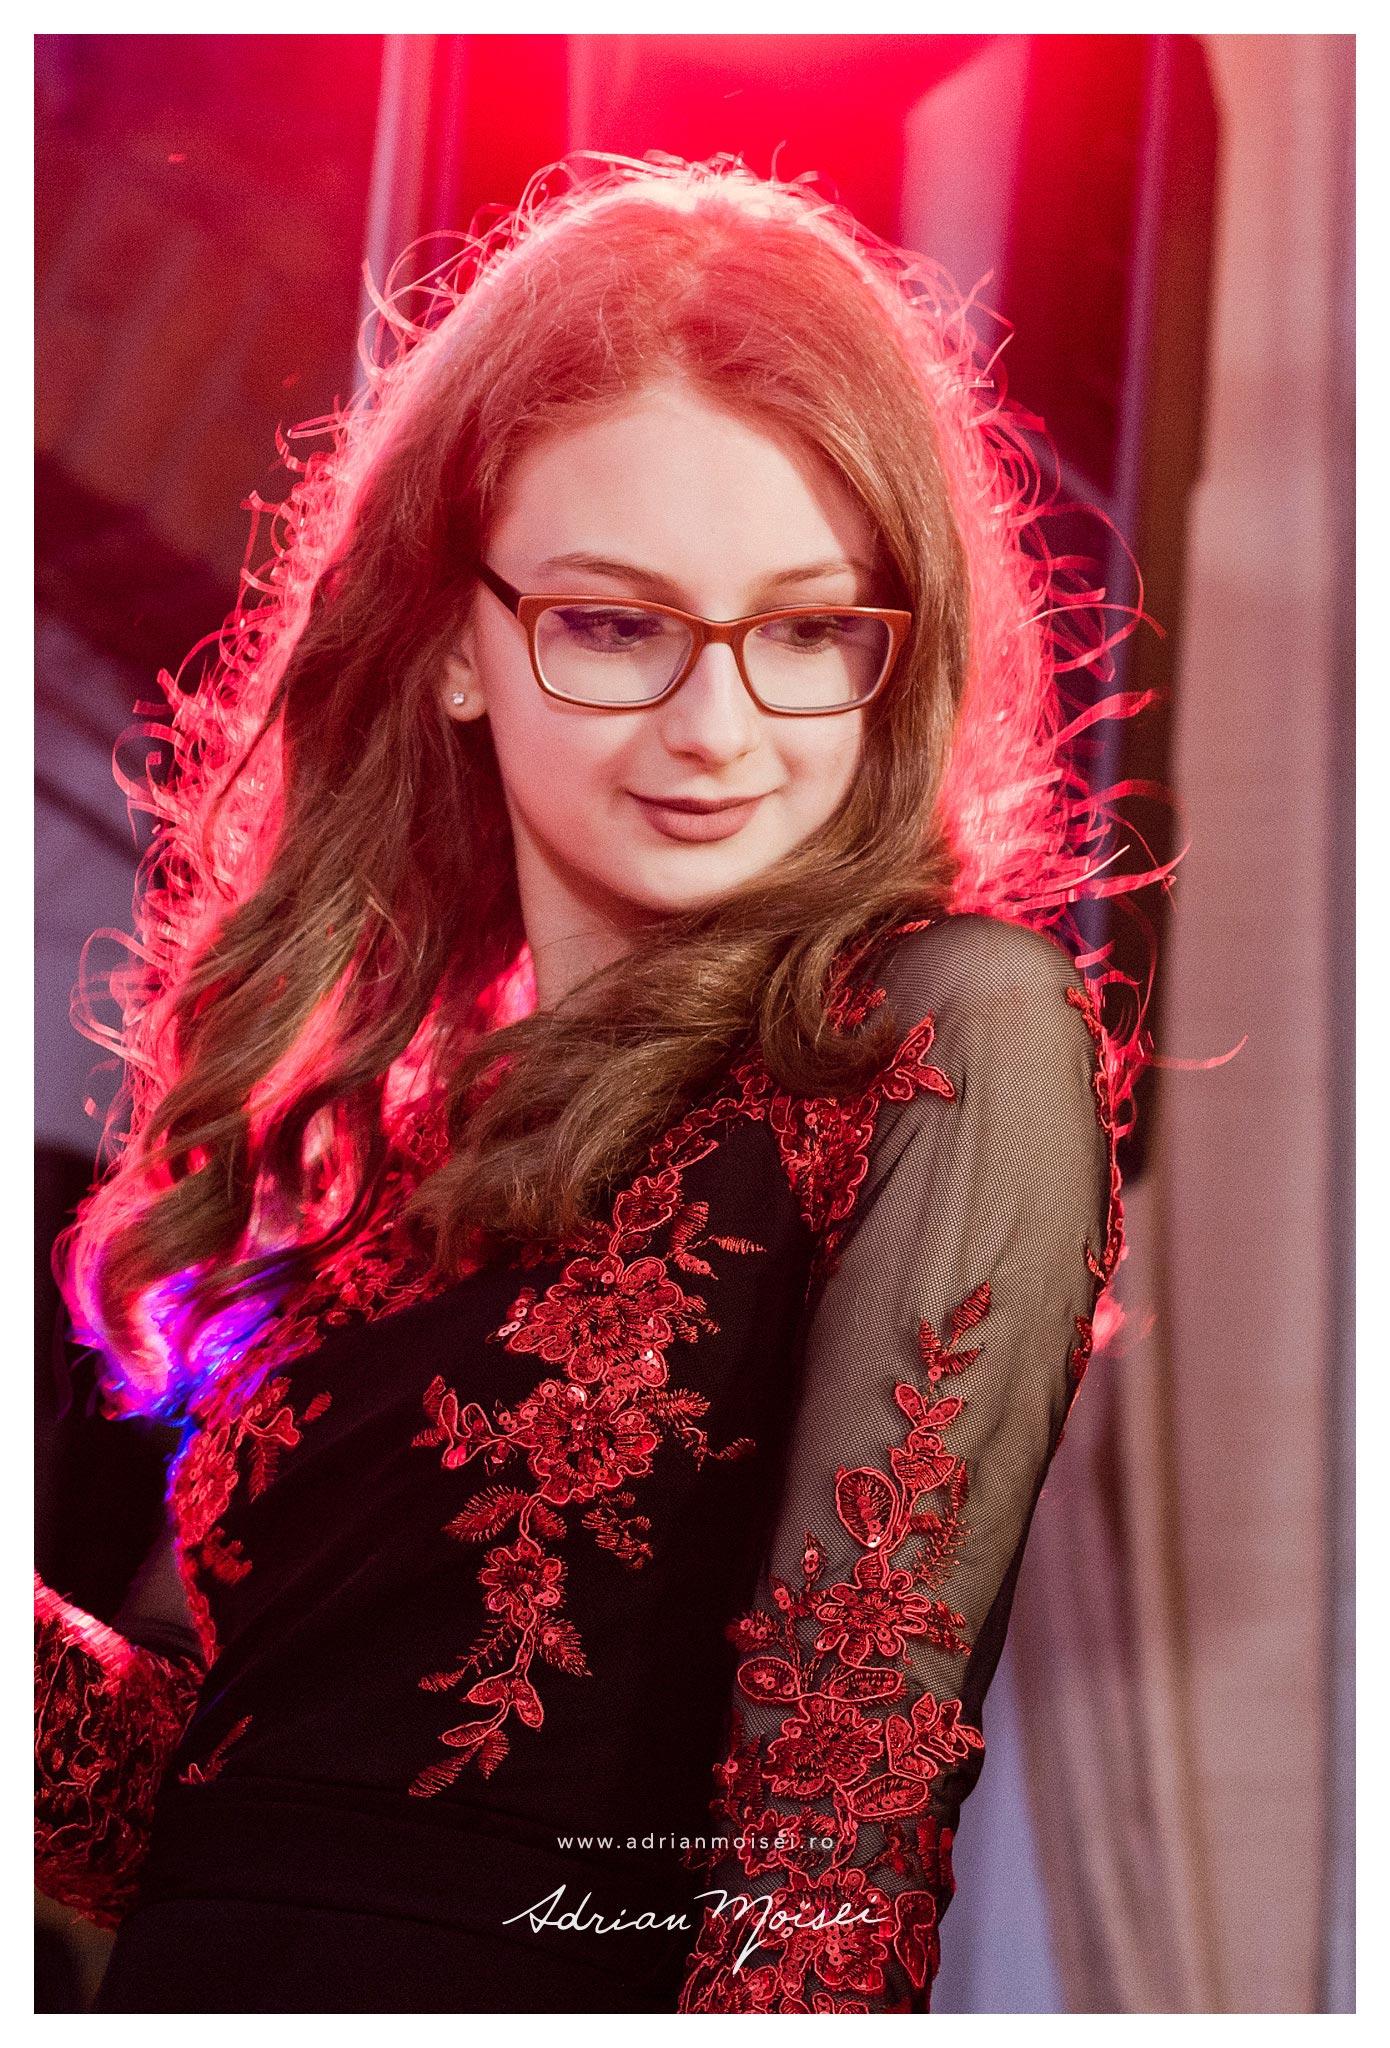 Portret de adolescenta cu ochelari realizat de Adrian Moisei, fotograf Iasi